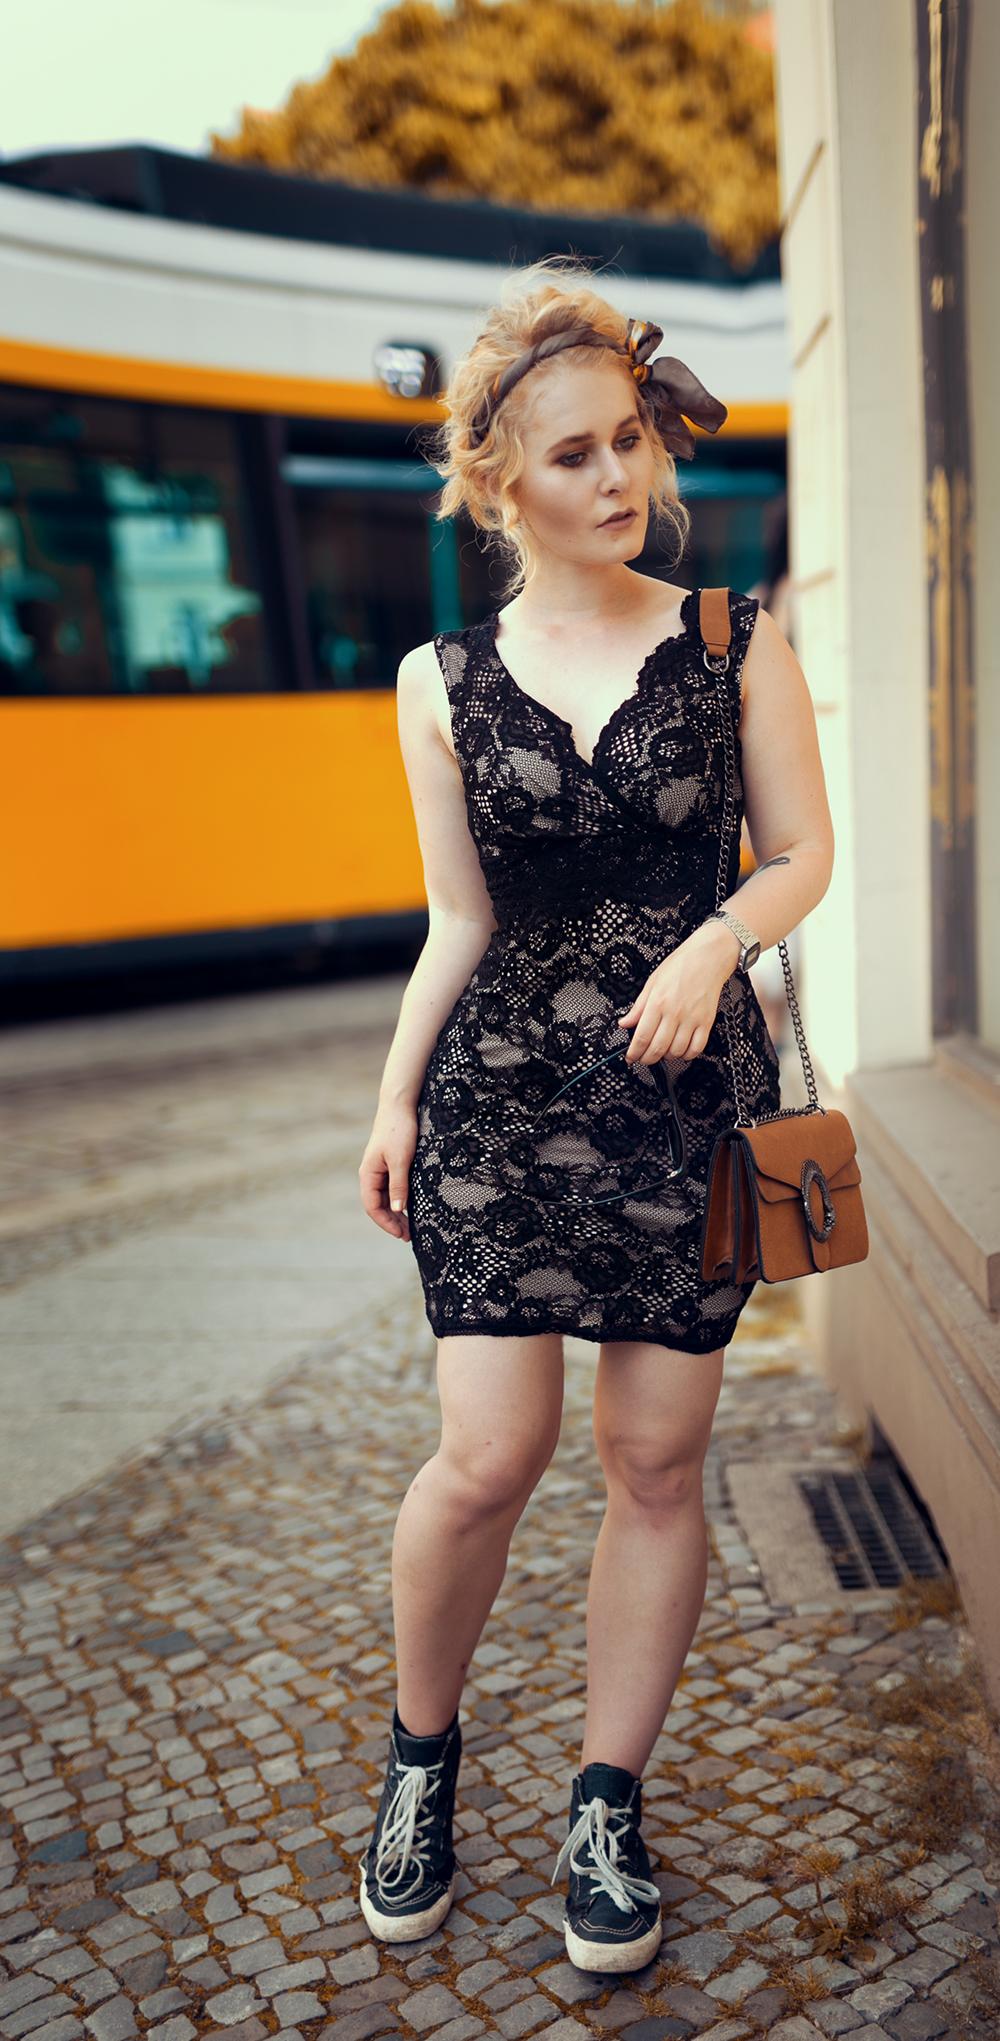 Christina Key schwarzes Spitzenkleid Outfit